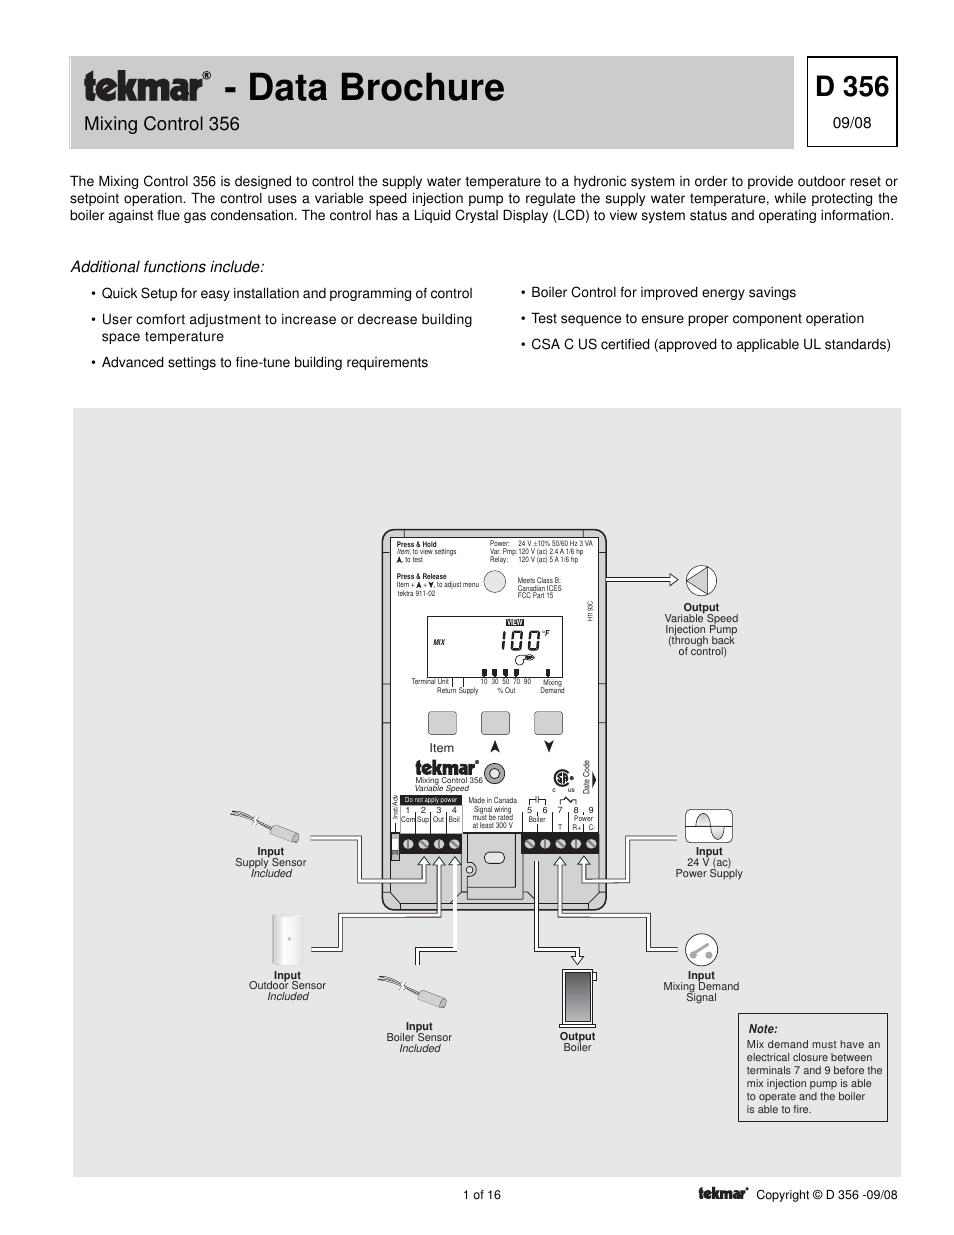 tekmar wiring diagram wiring diagram 2019 rh rp47 bs drabner de tekmar 260 wiring diagram tekmar 654 wiring diagram